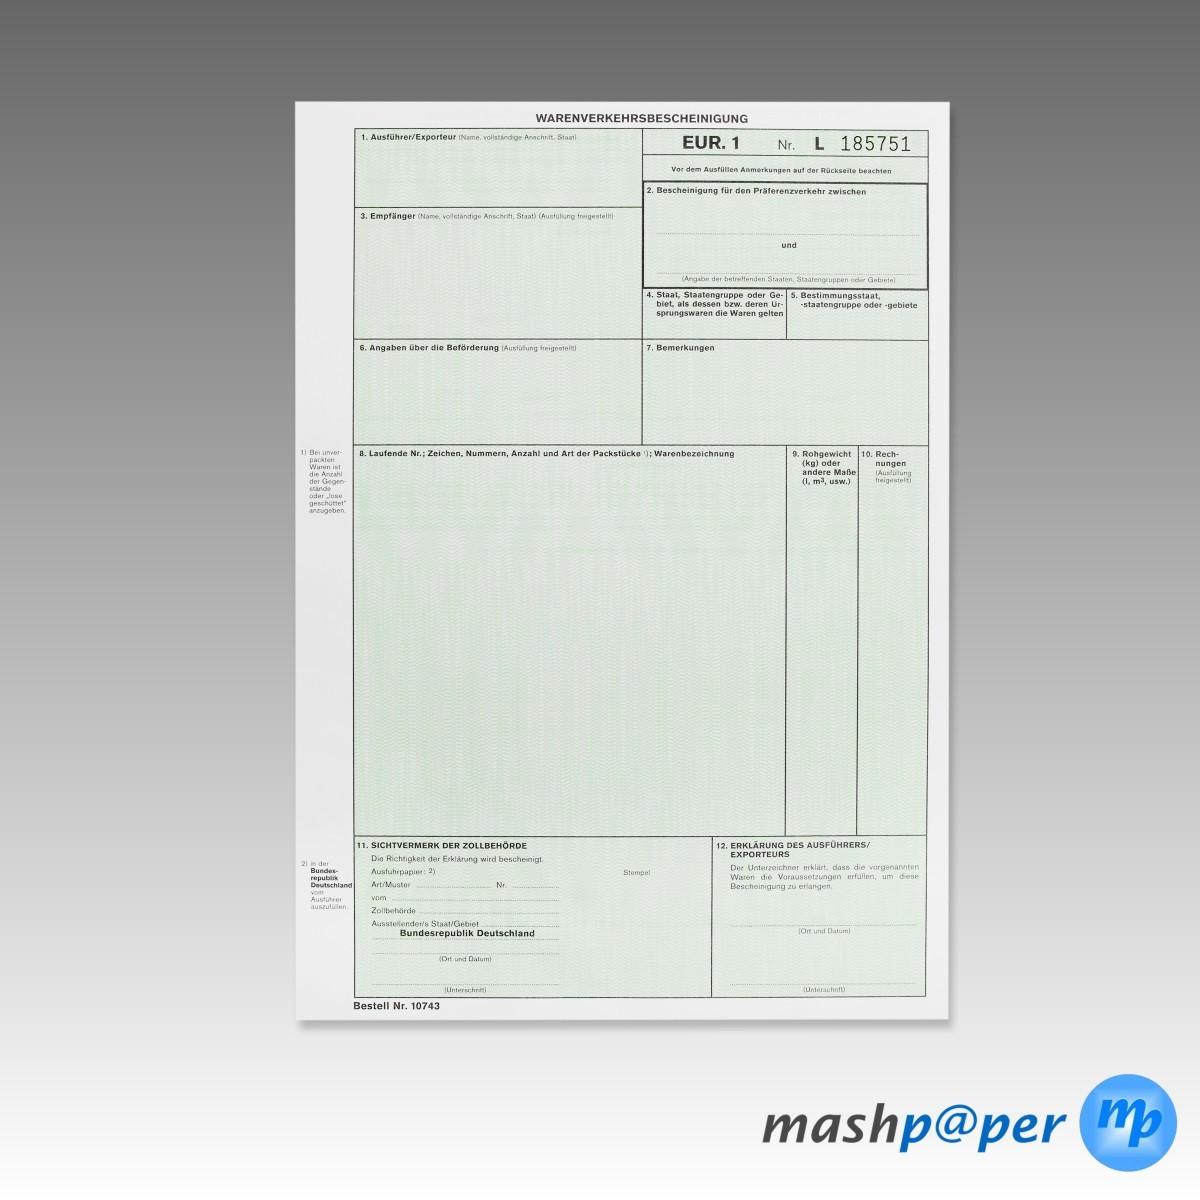 EUR.1 / EUR1 Formular Warenverkehrsbescheinigung für Laserdrucker ...